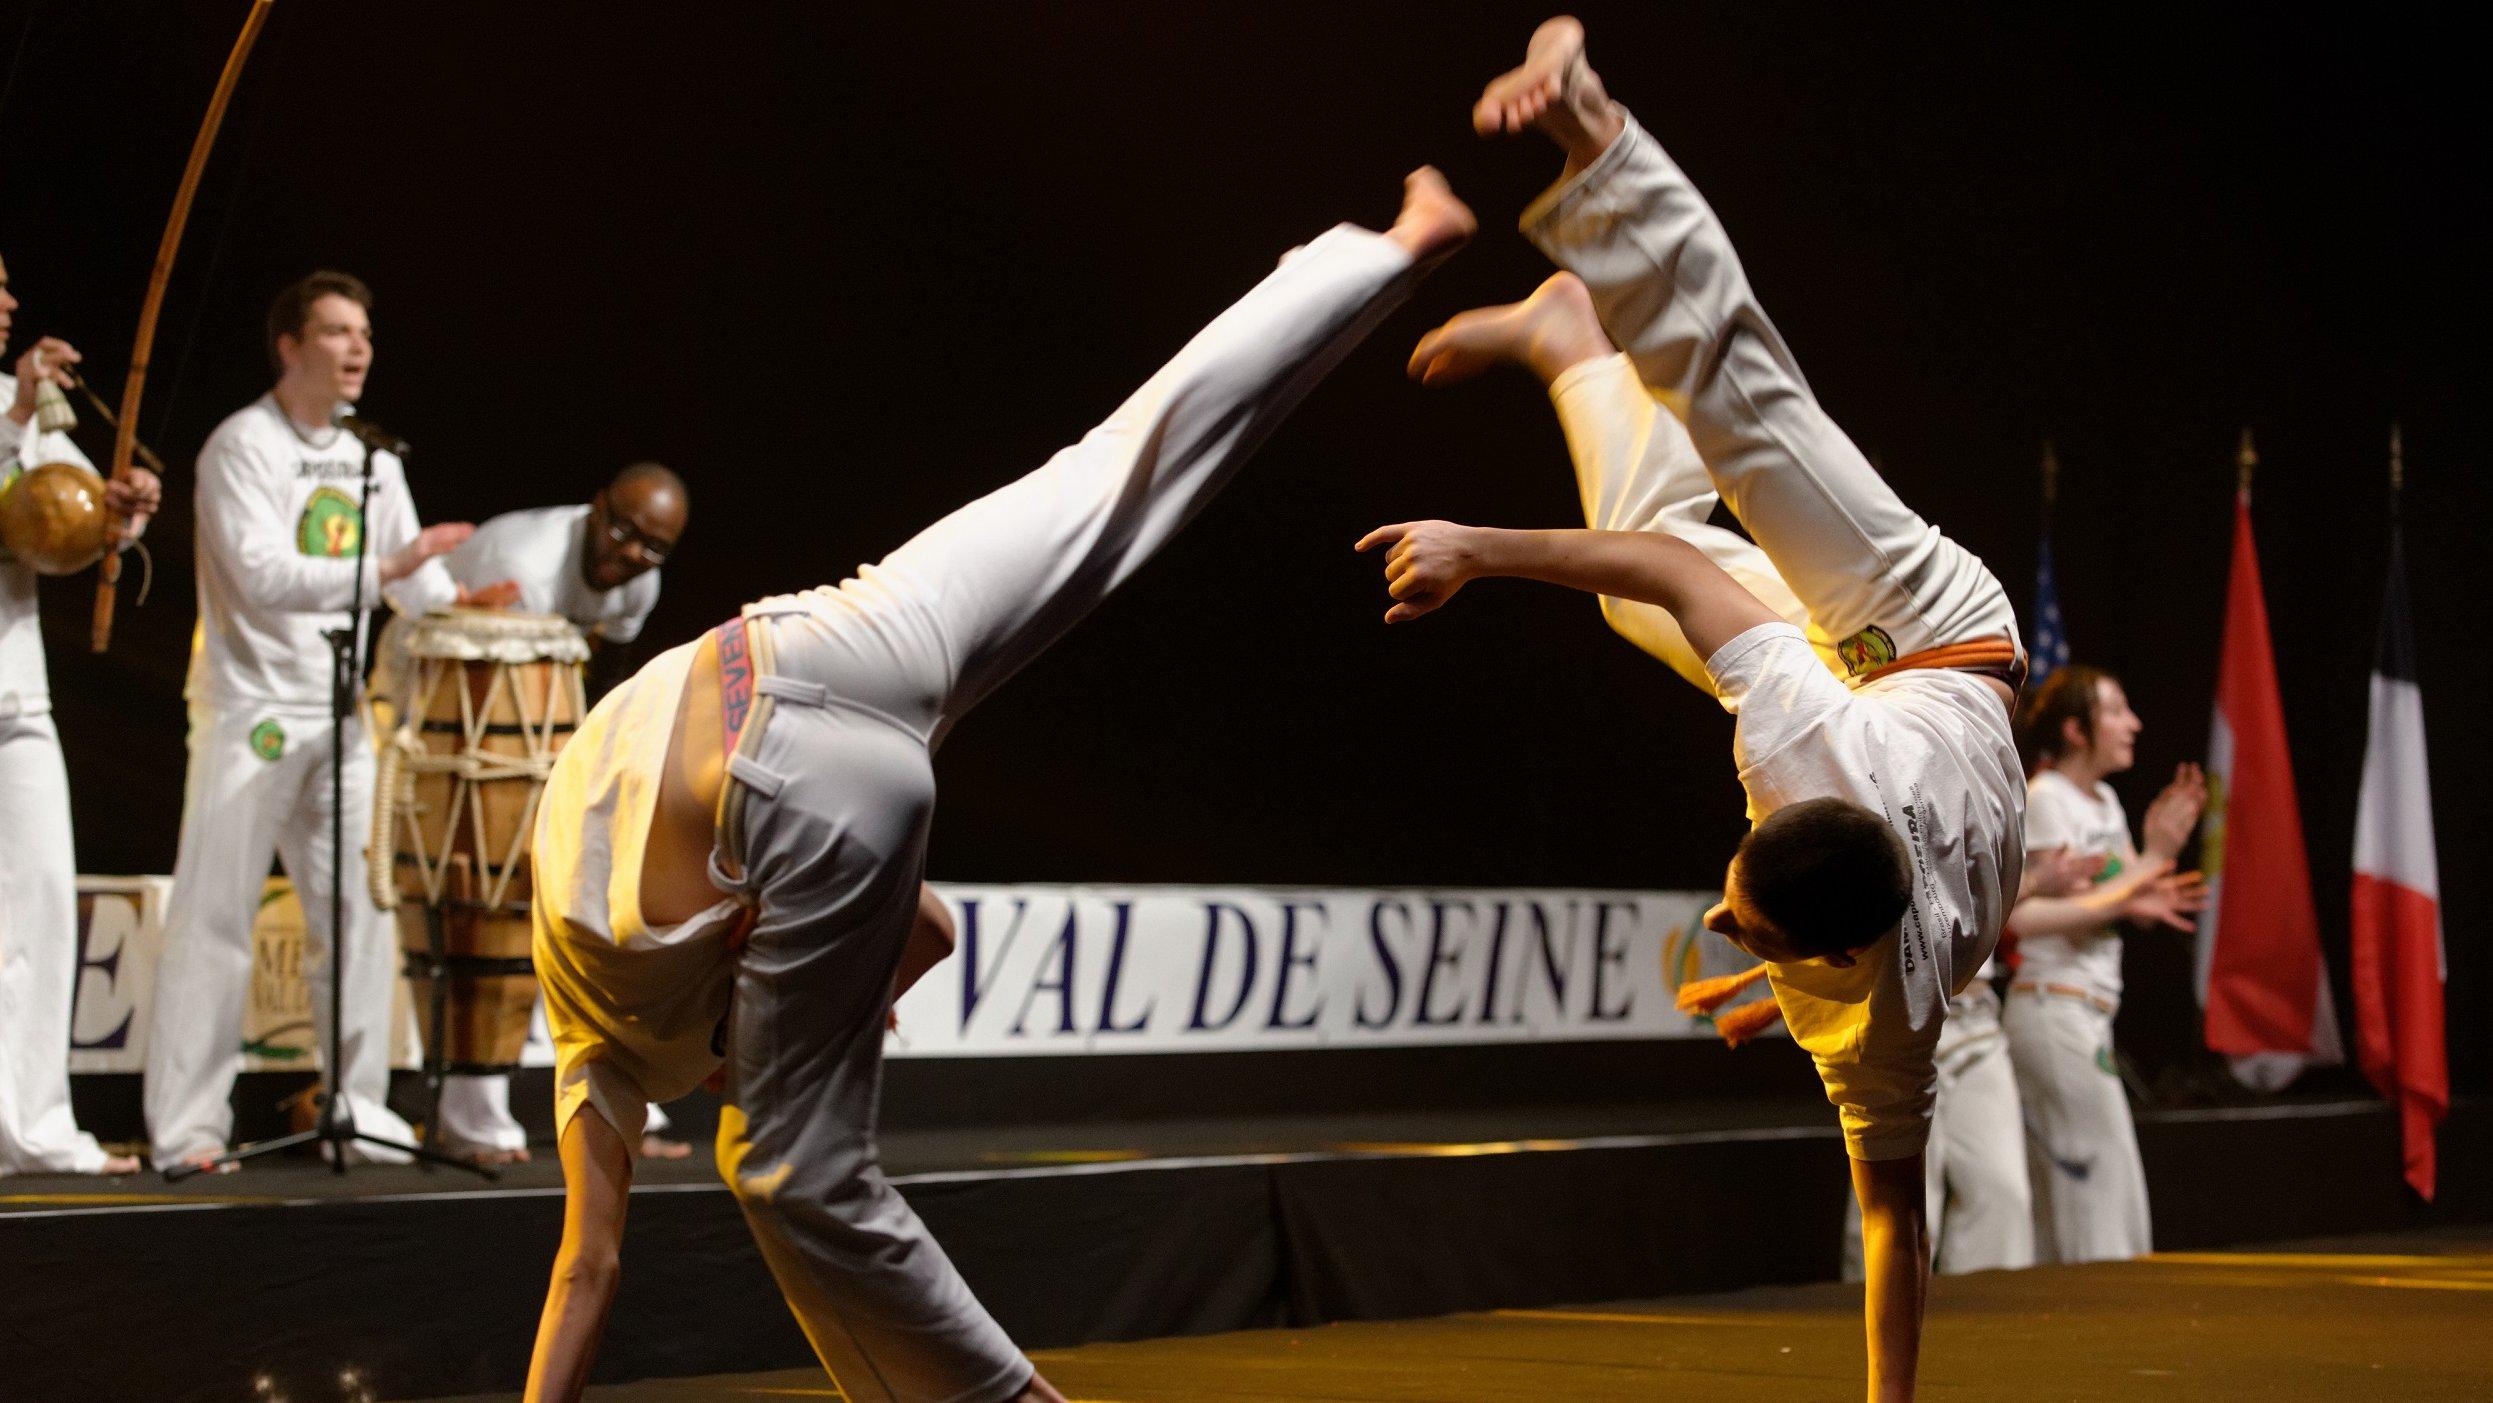 I capoeira rører man ikke hinanden.